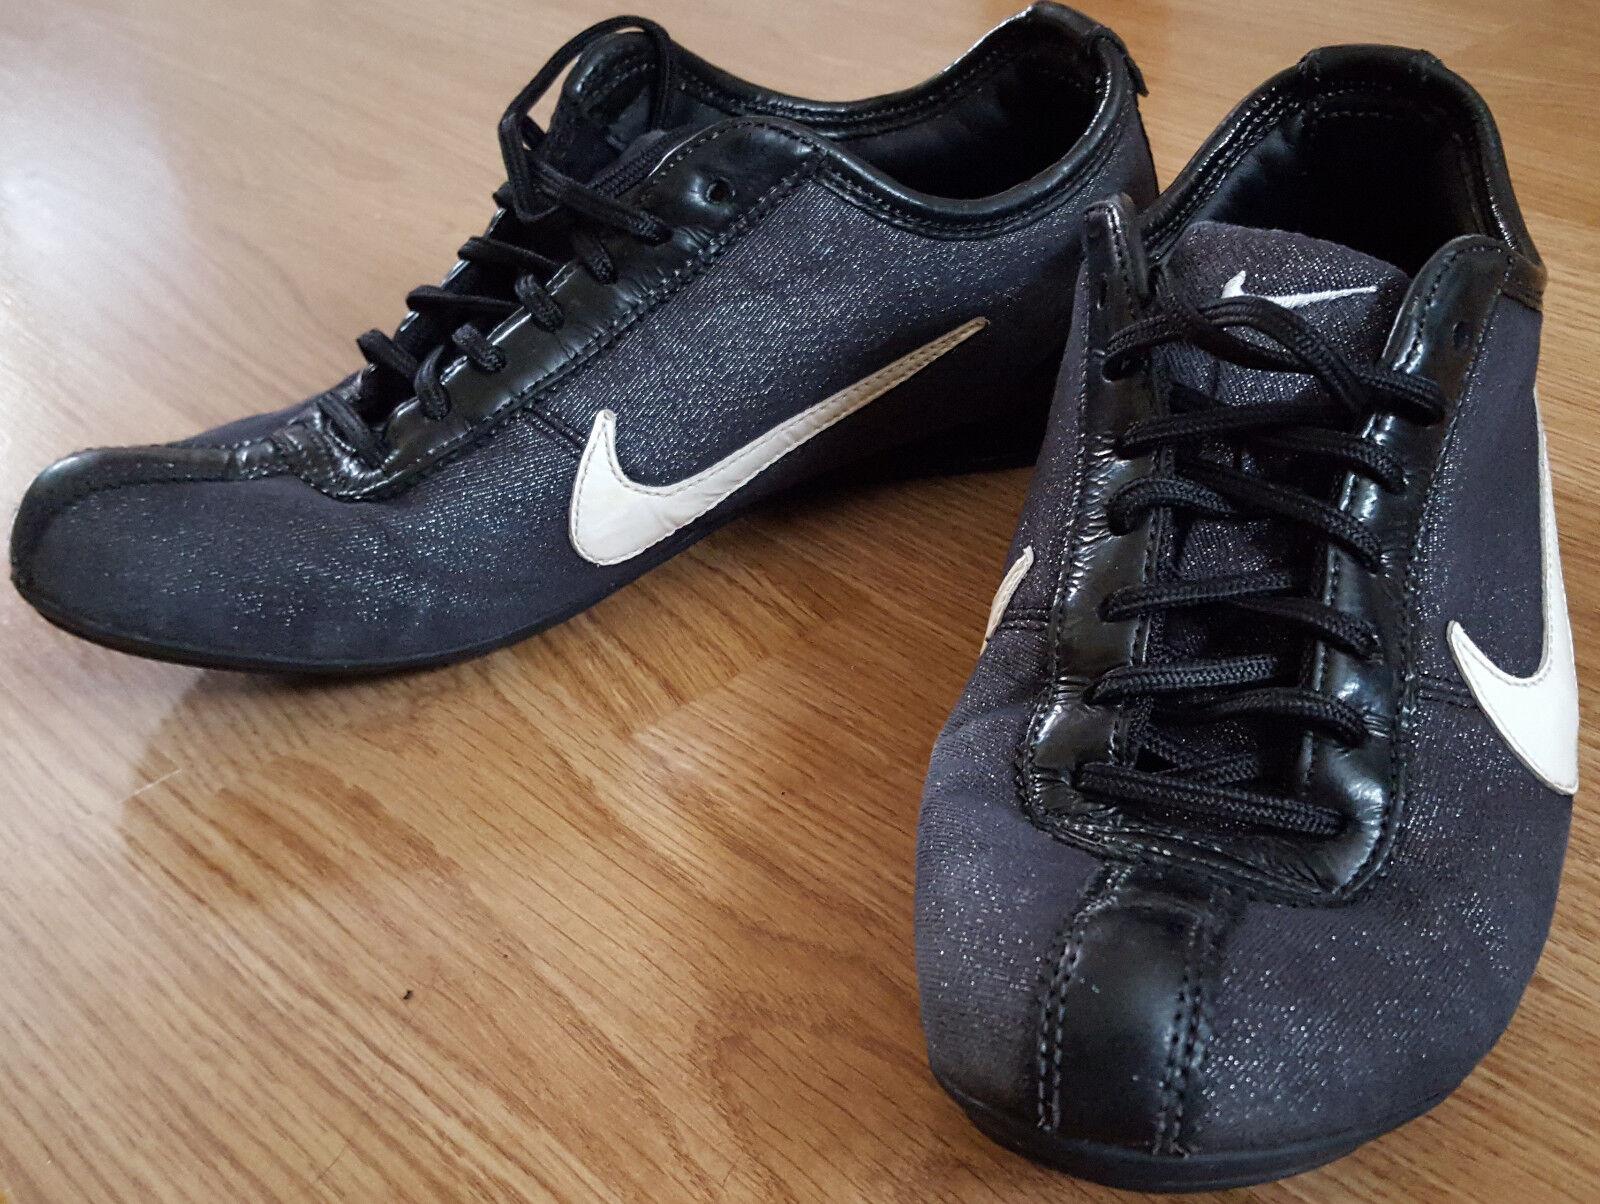 NIKE Baskets Marche coureurs Chaussures Course Noir Taille UK 5.5 EUR 39